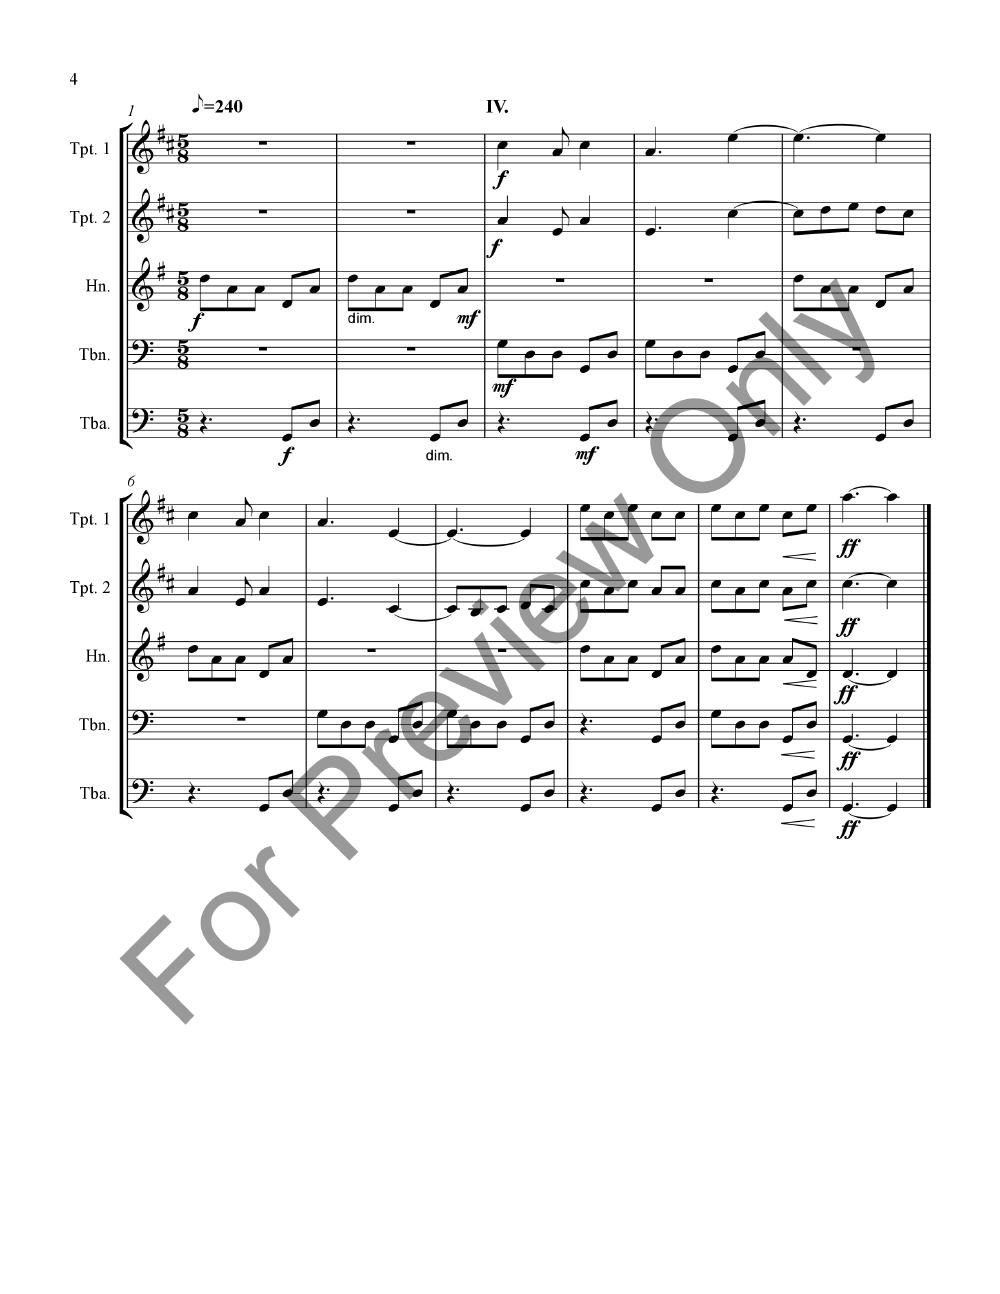 Glimmerglass Fanfares Thumbnail